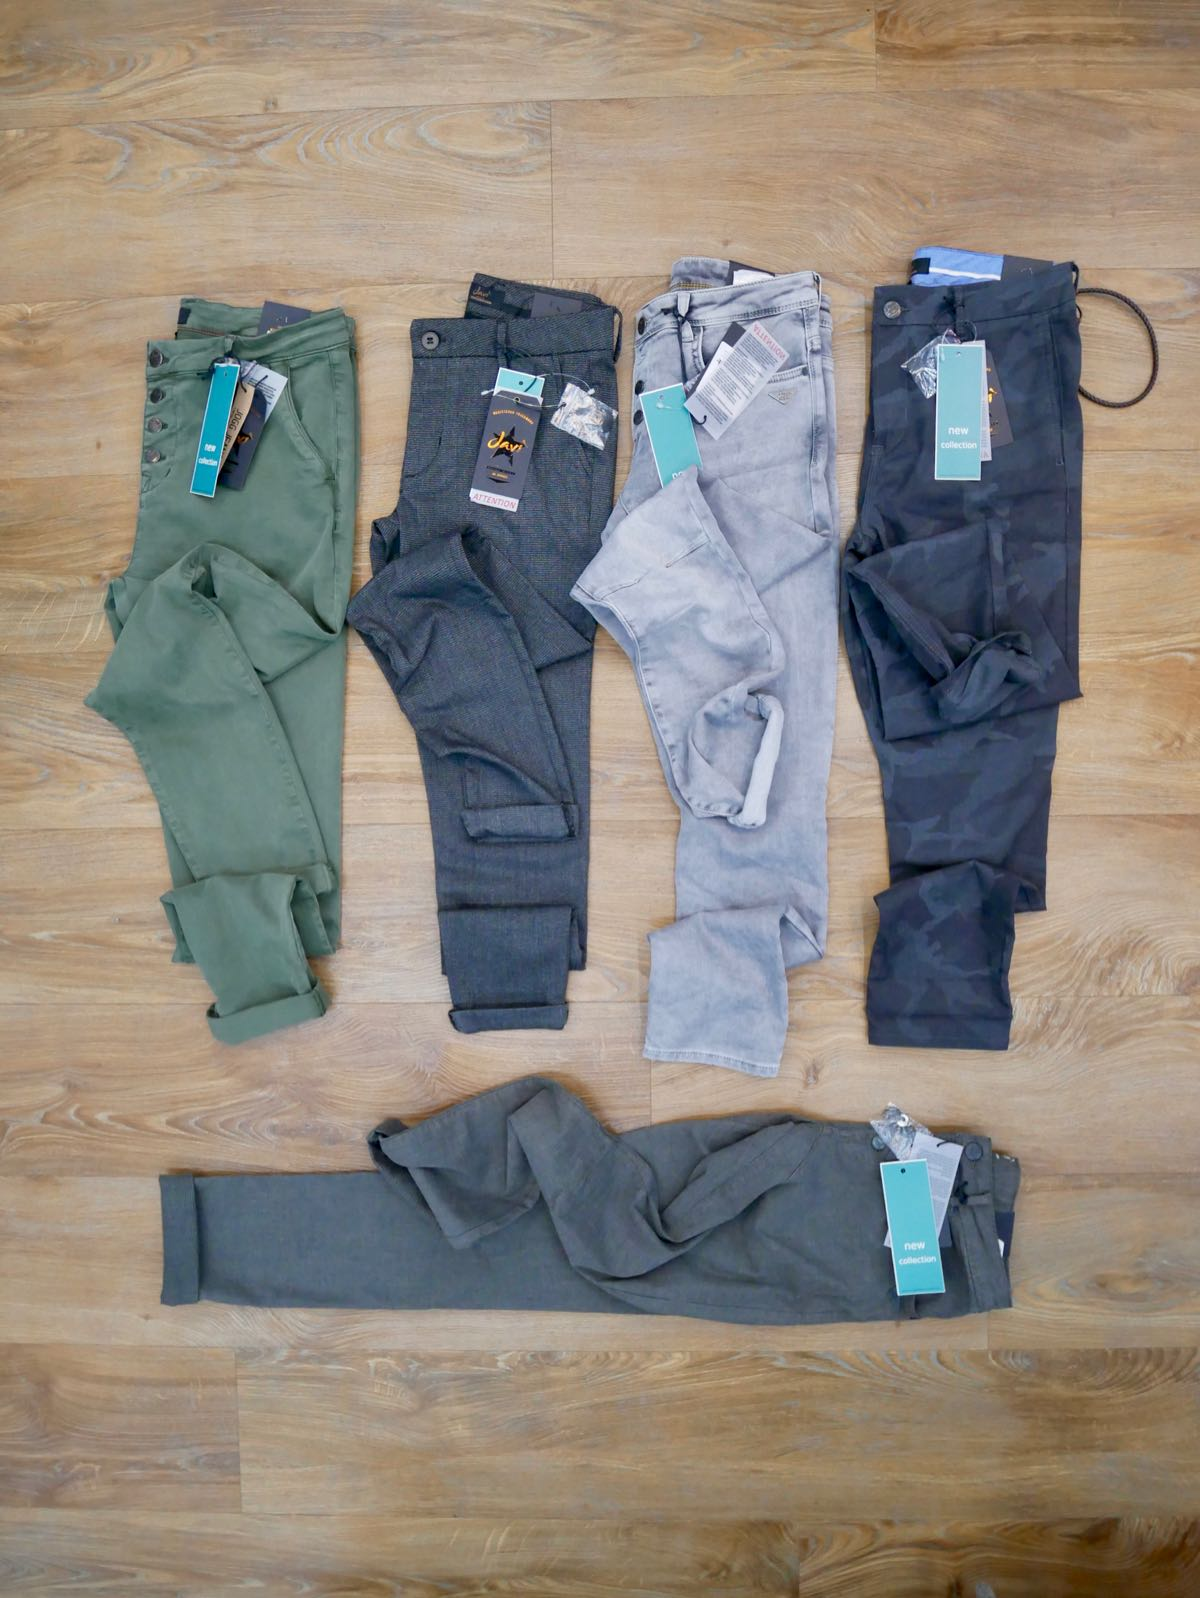 Javi Herren Jeans von Buena Vista